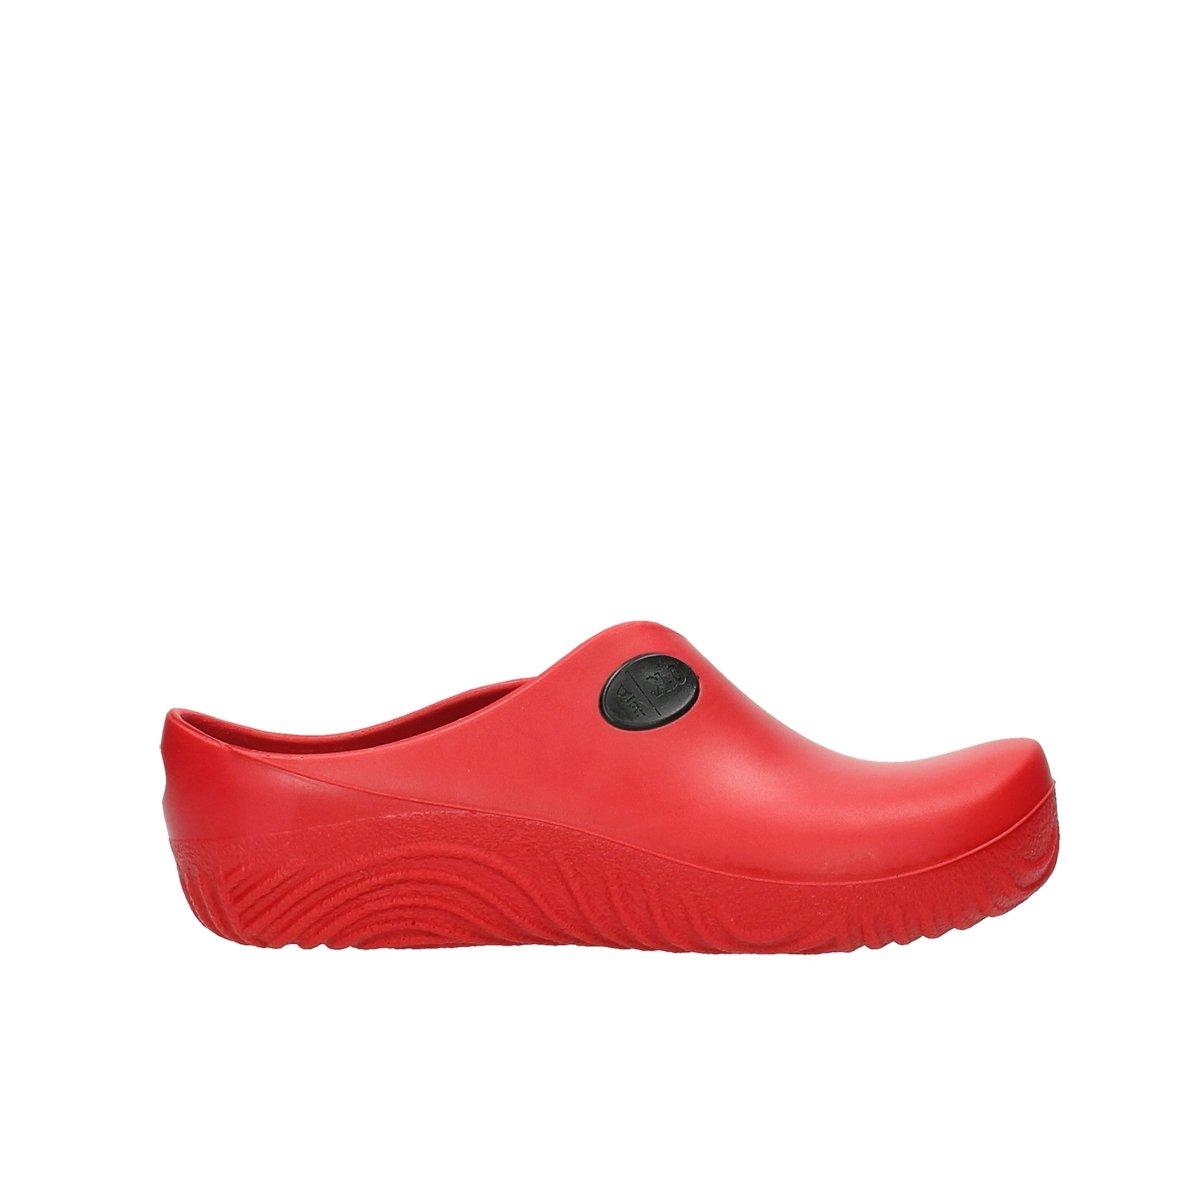 Wolky Zuecos Comfort 02550 OK Clog 39 EU|90500 red PU